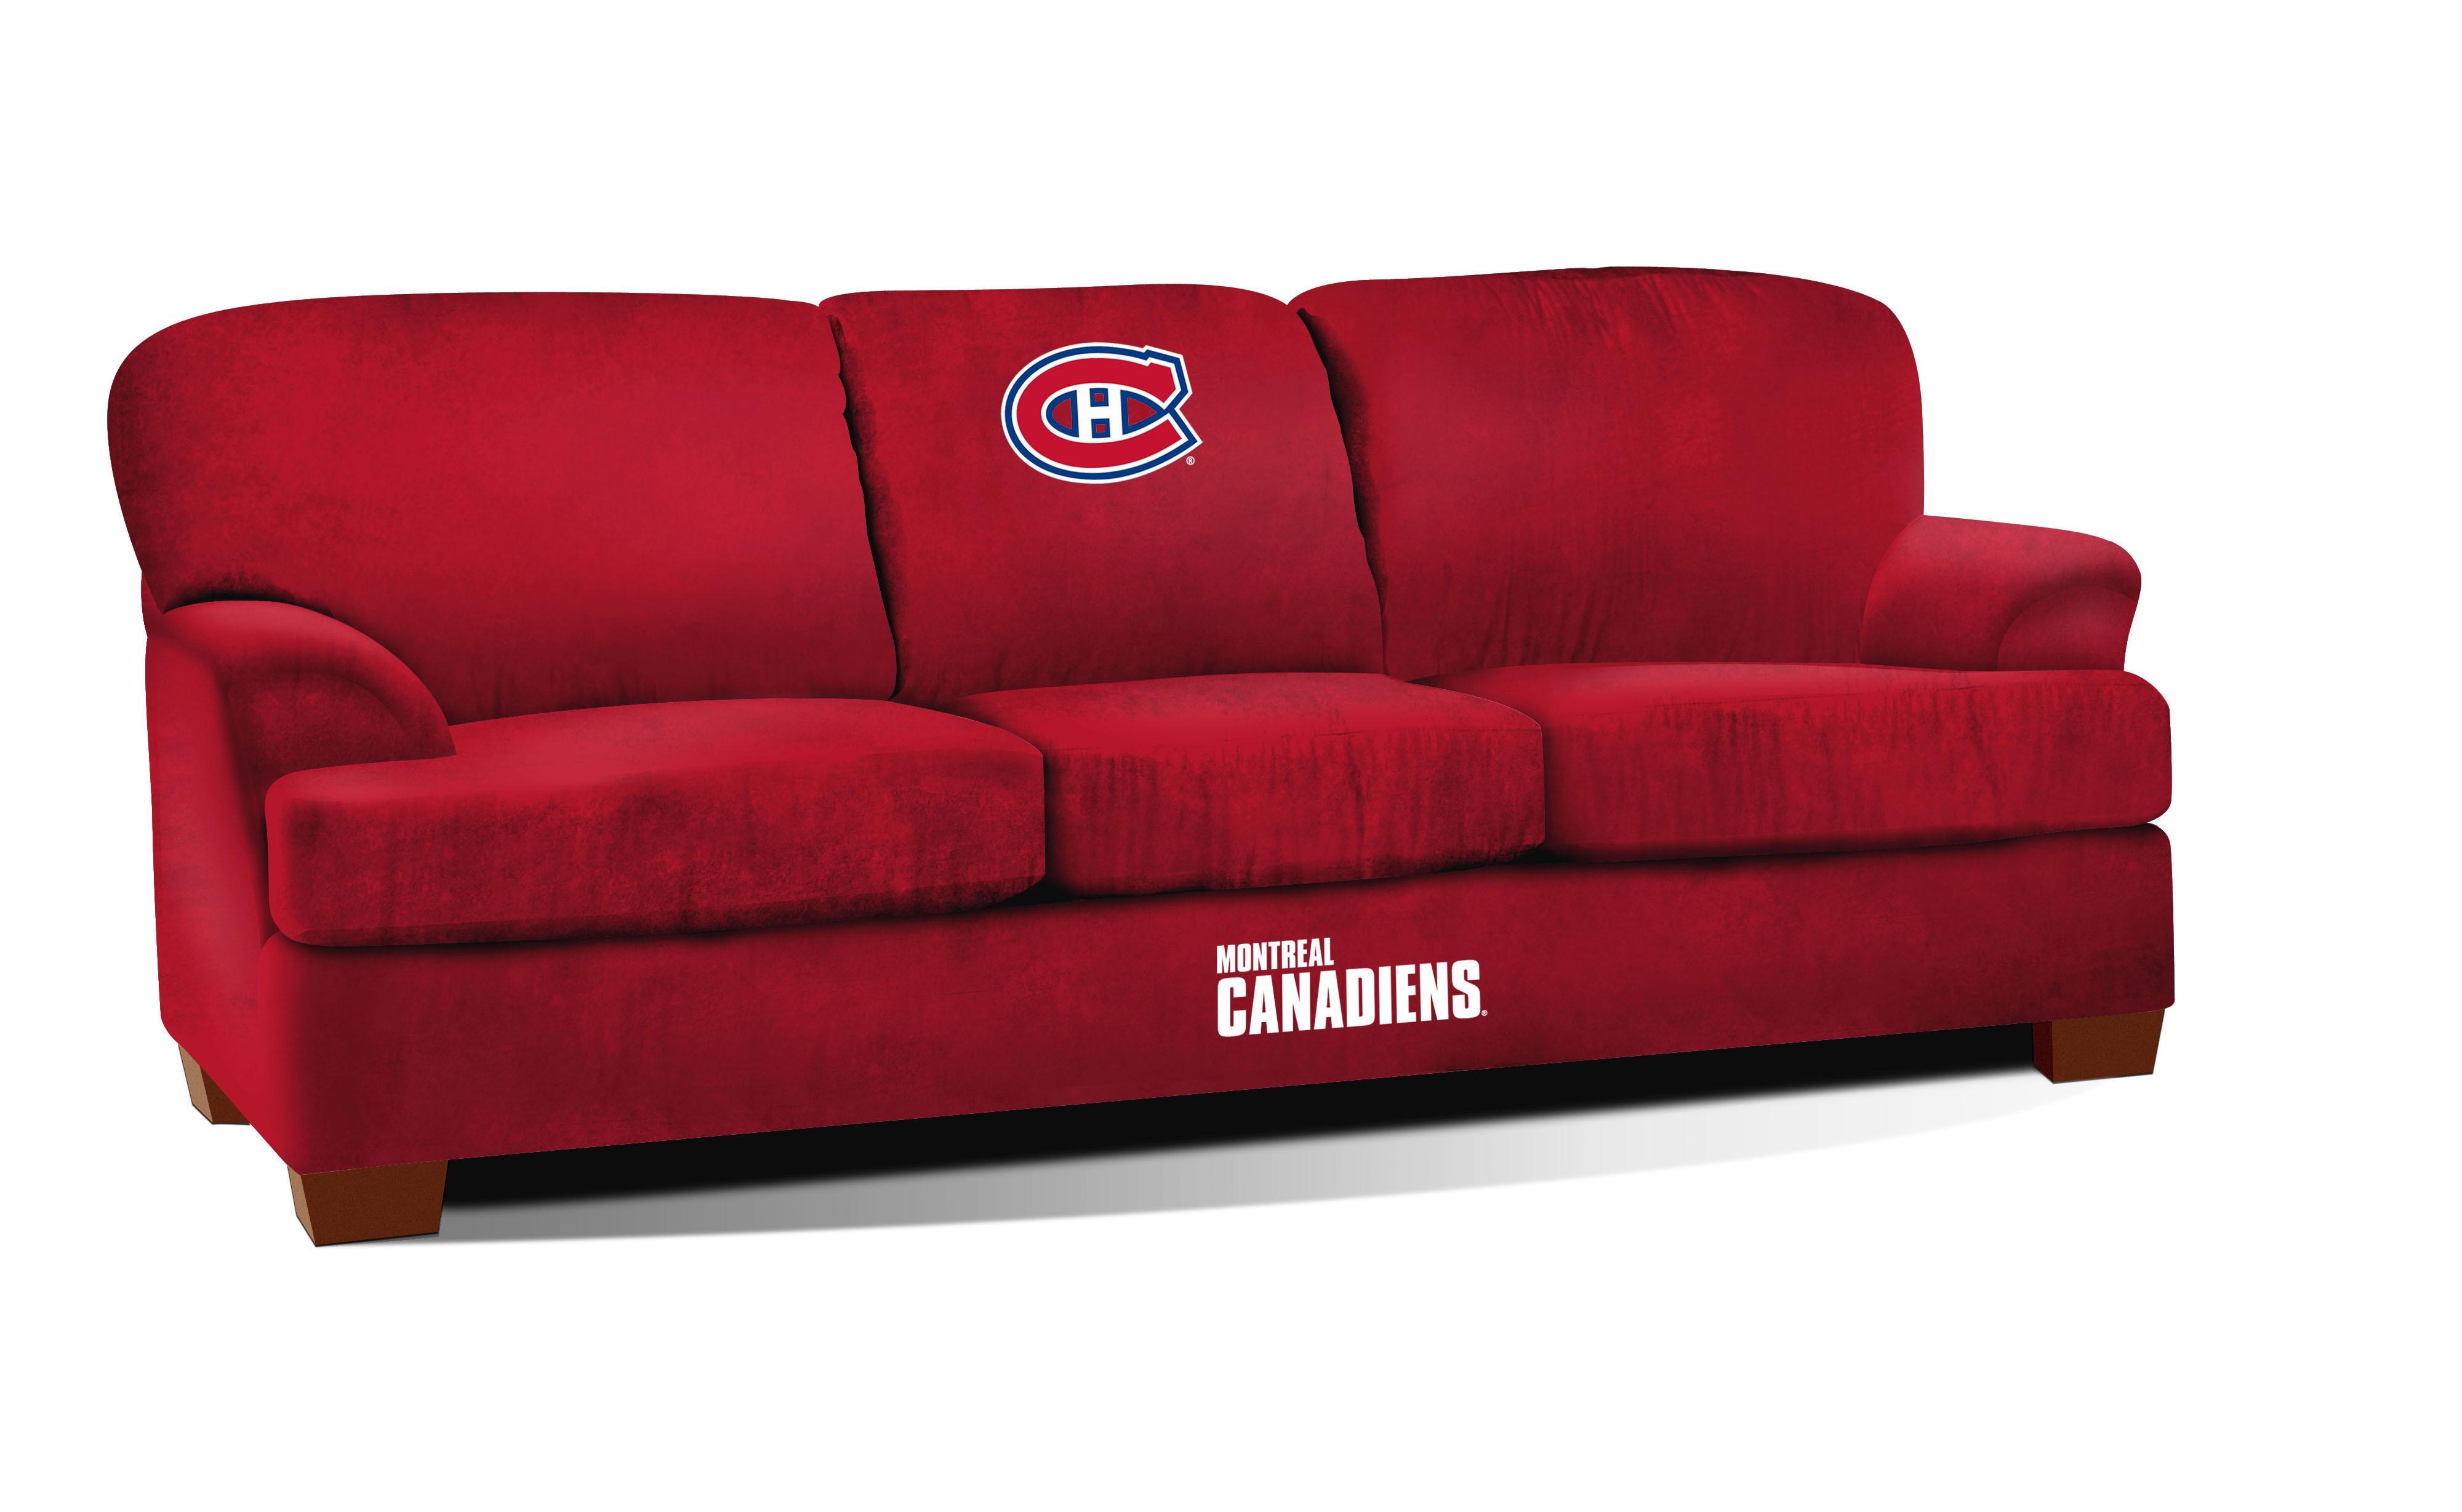 Sofa en microfibre Canadien de Montreal